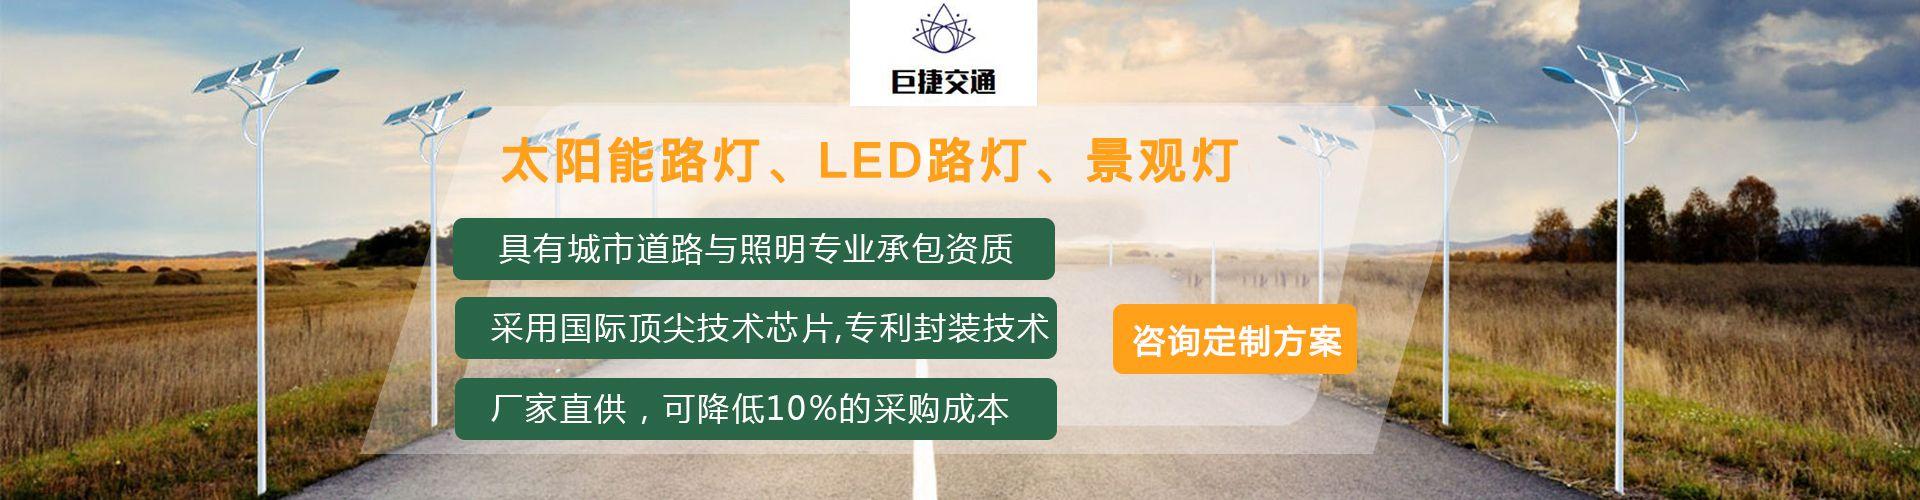 扬州巨捷交通工程有限公司